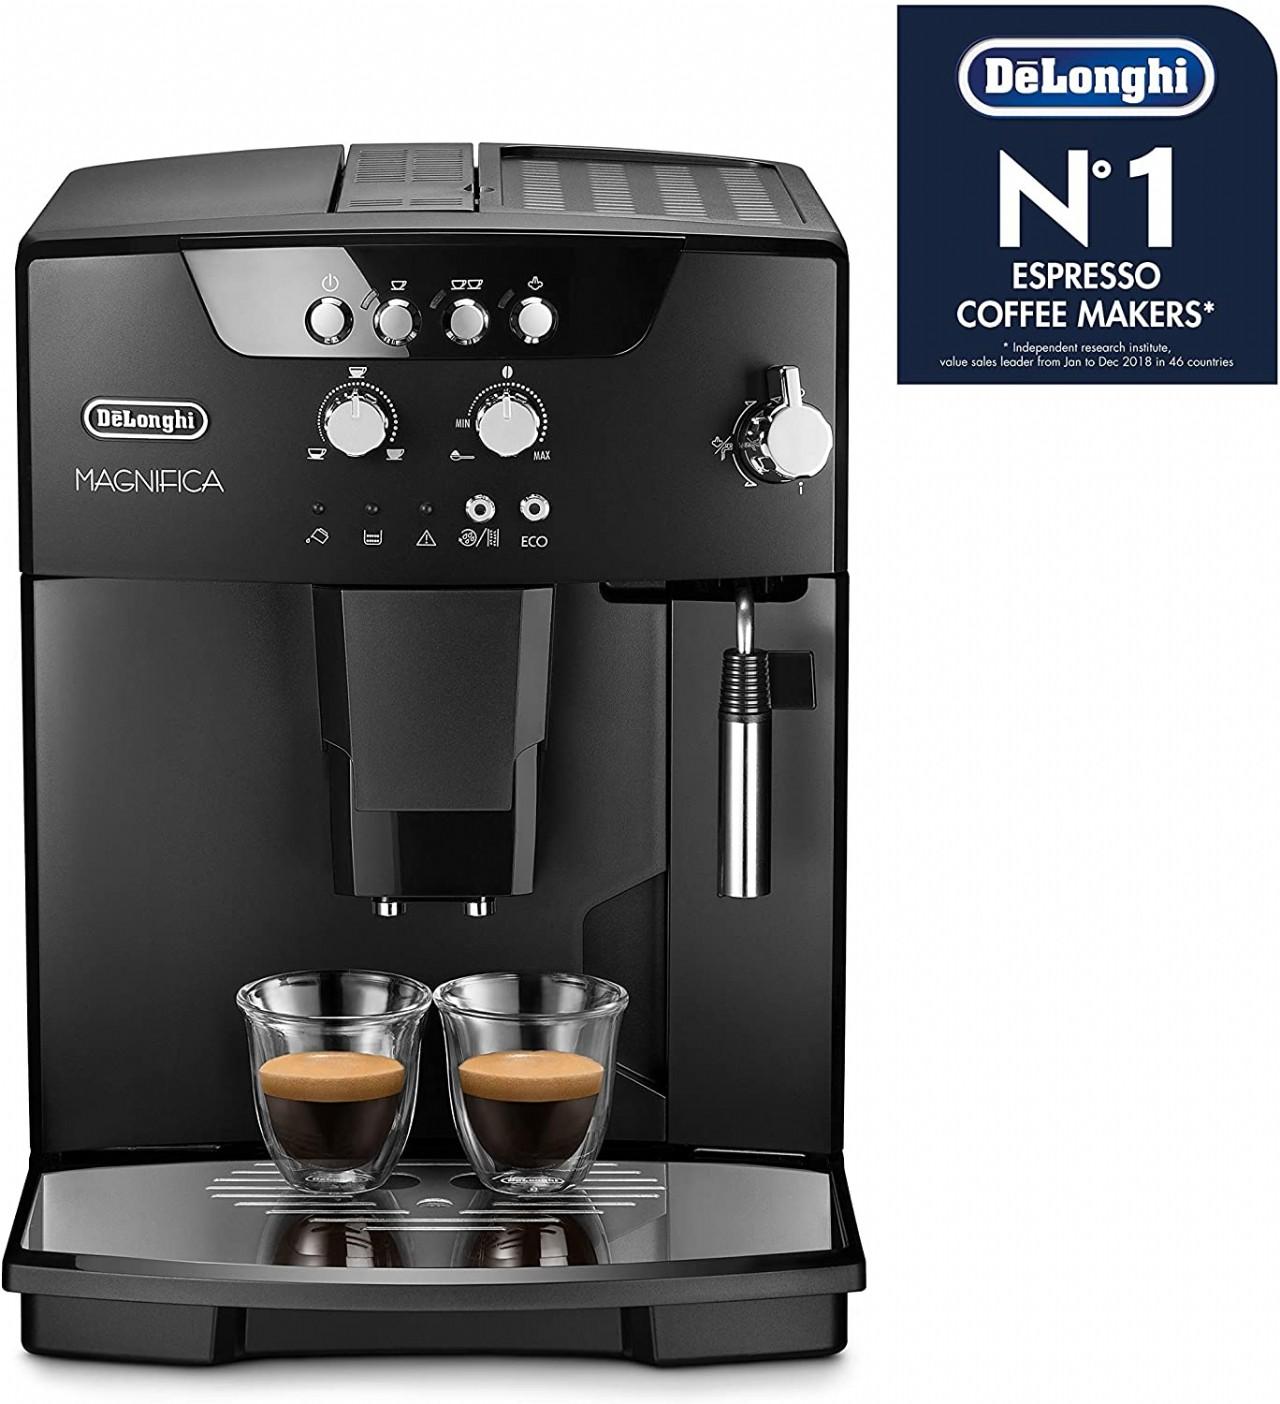 De'Longhi Magnifica Fully Automatic Espresso and Cappuccino